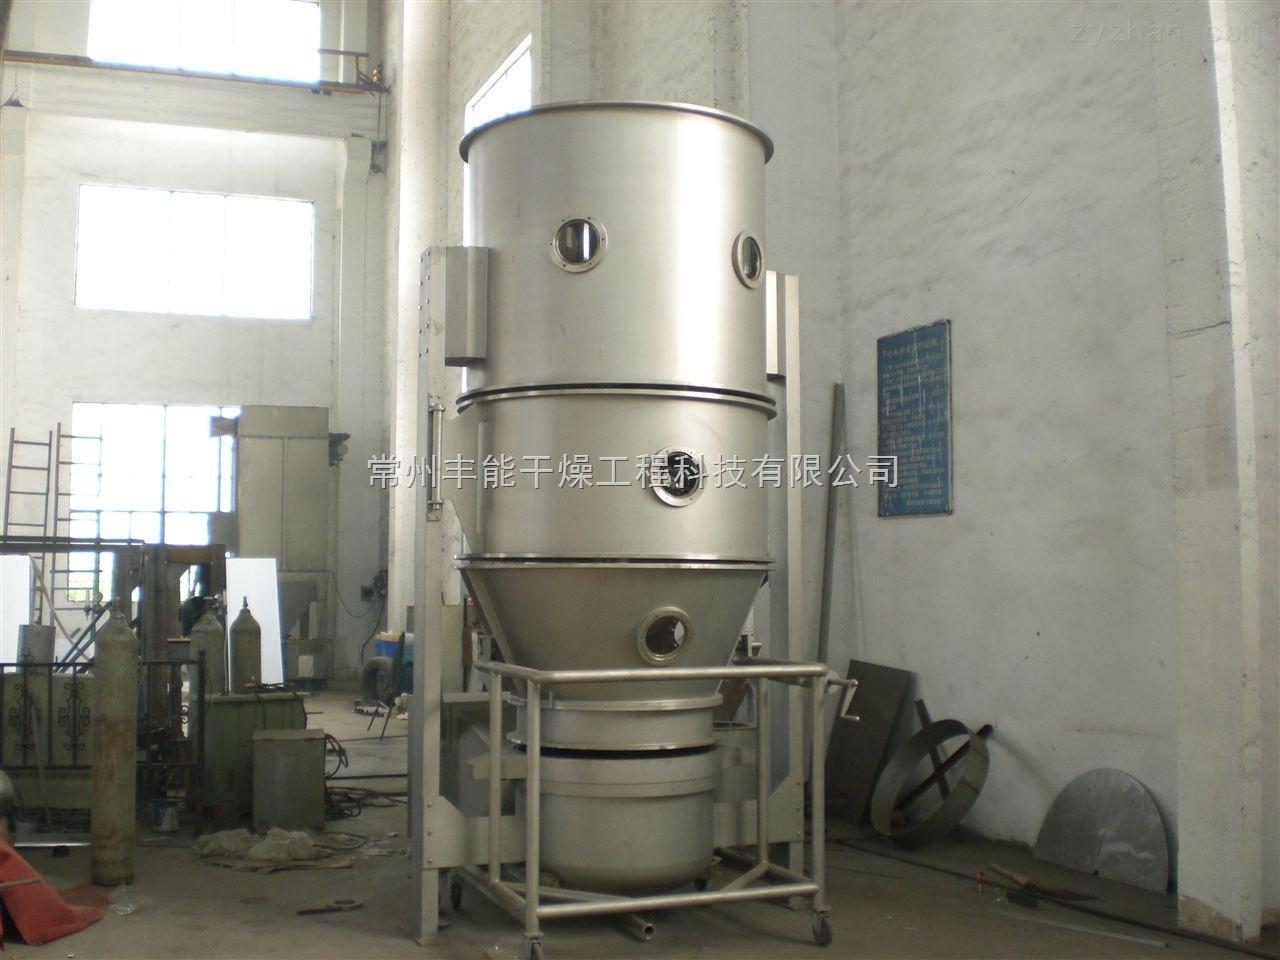 FG系列立式沸腾干燥机价格